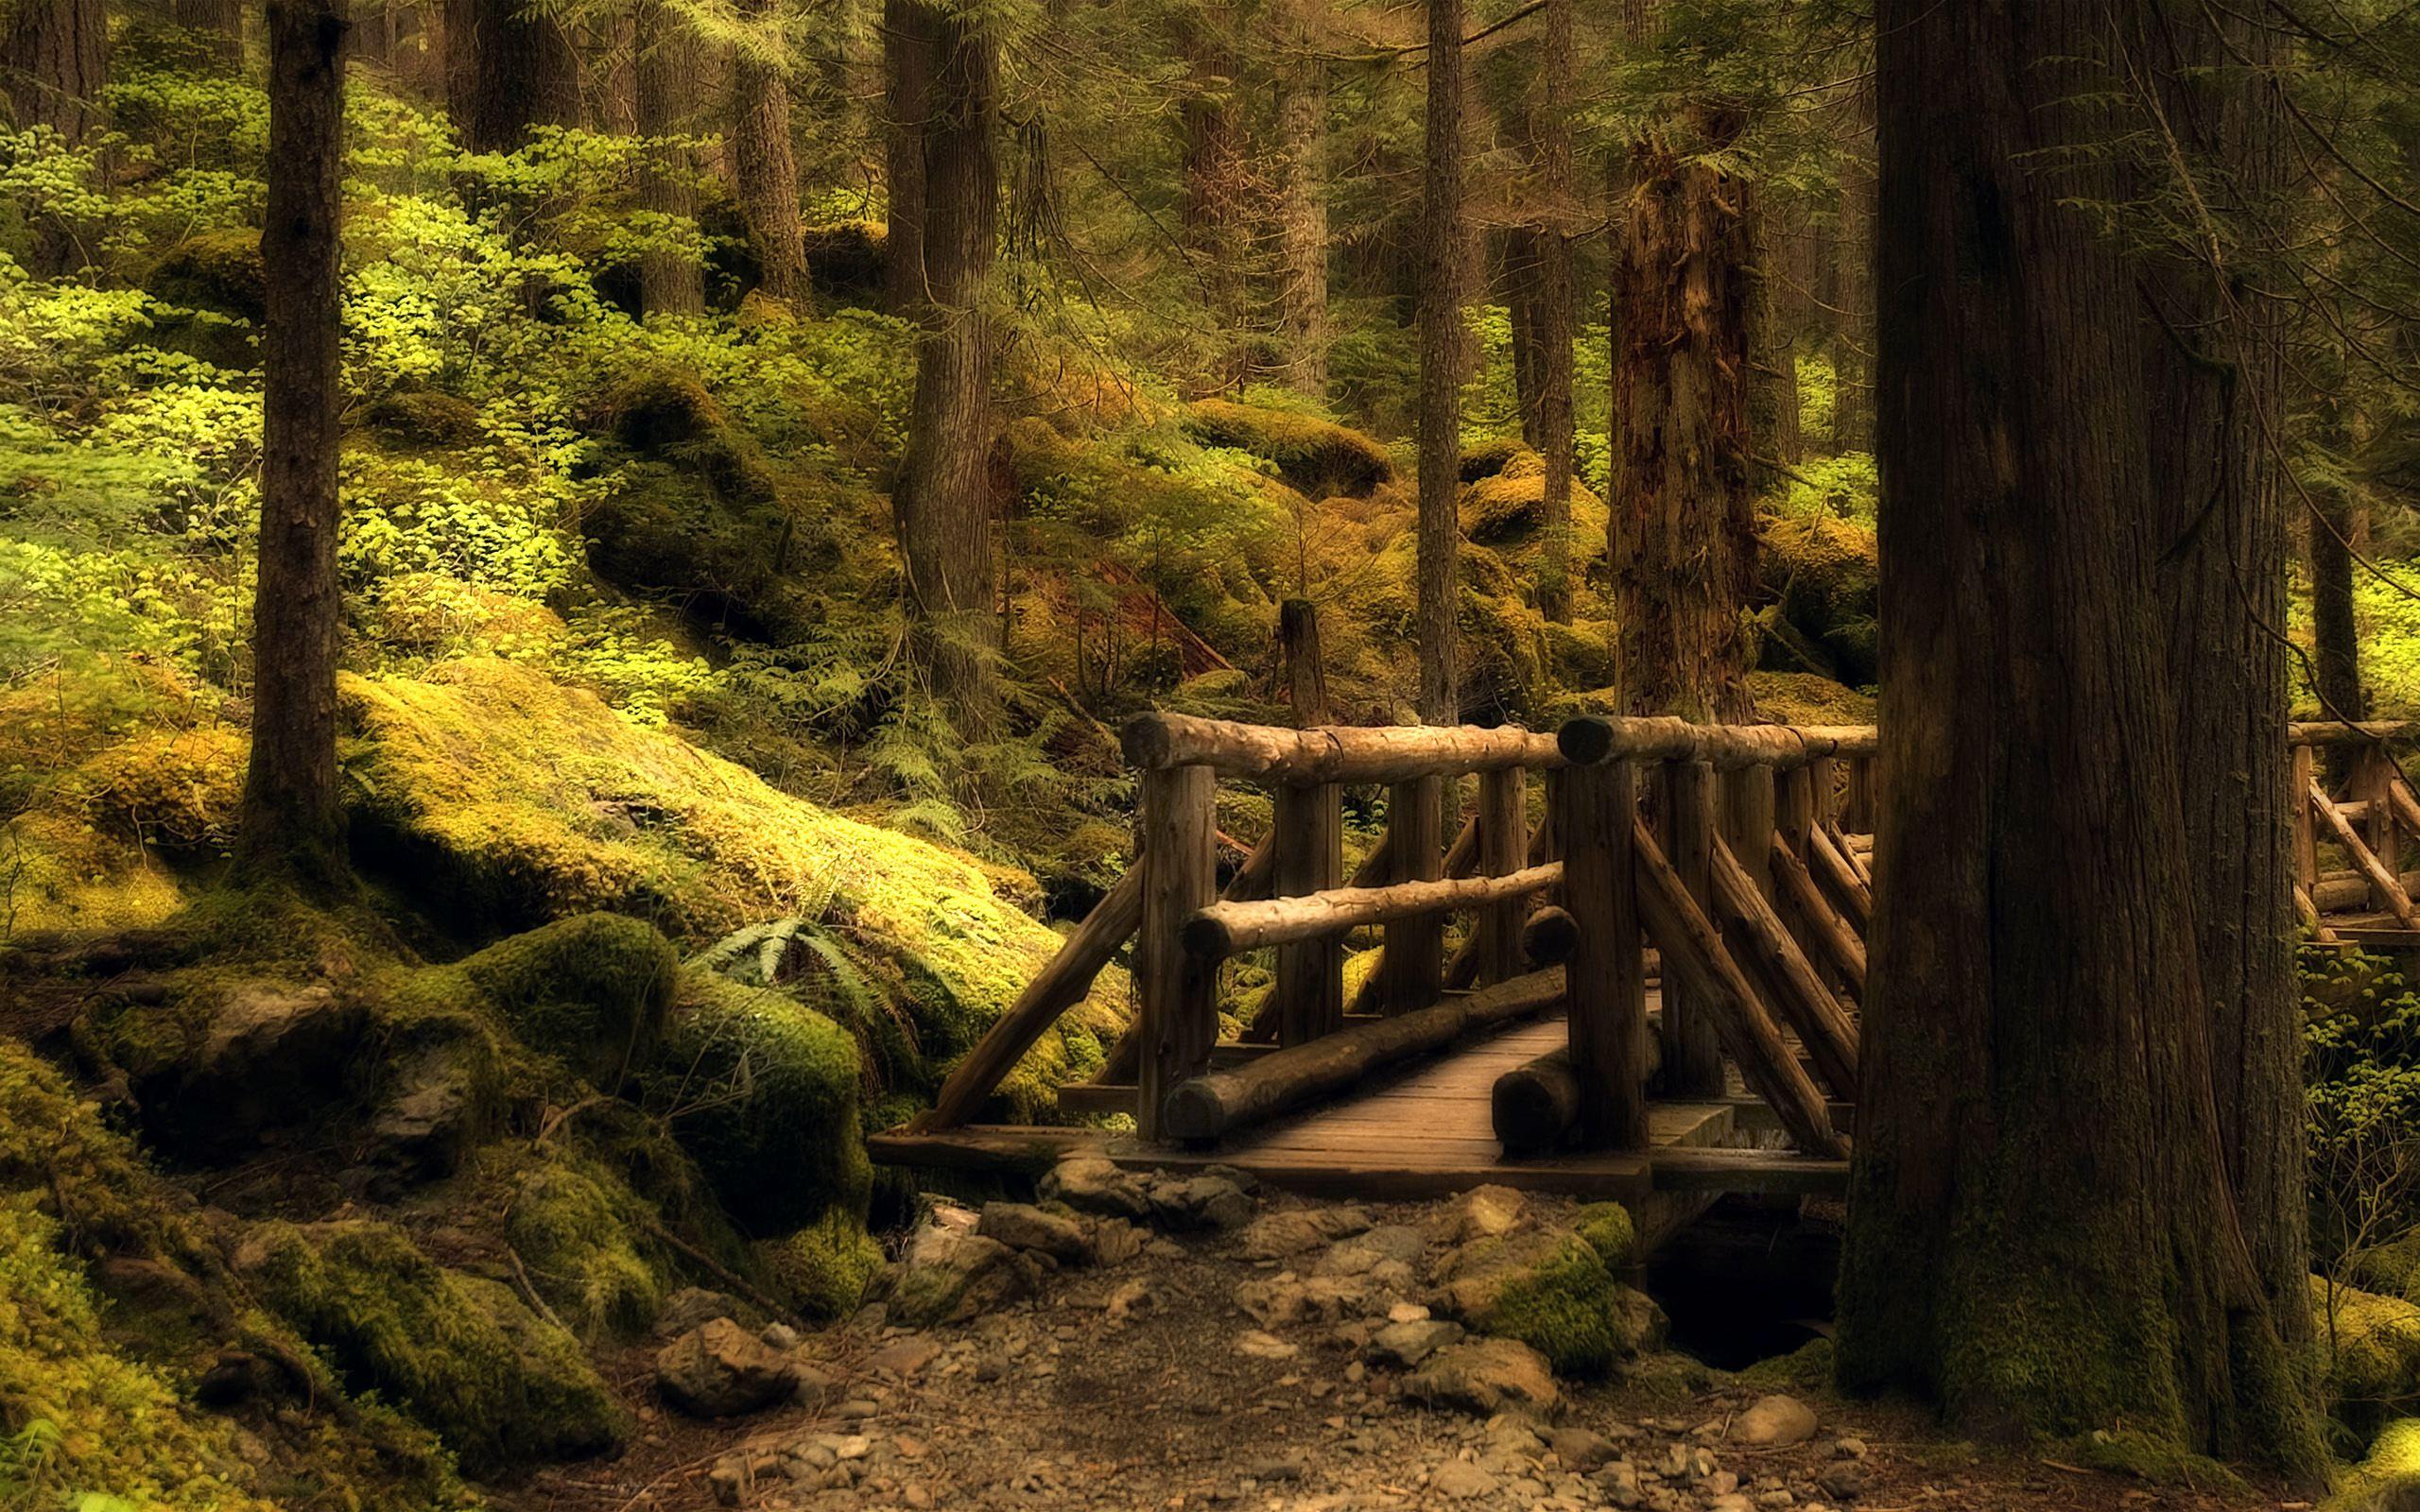 лес, красивое фото, мост в лесу, скачать фото, обои для рабочего стола